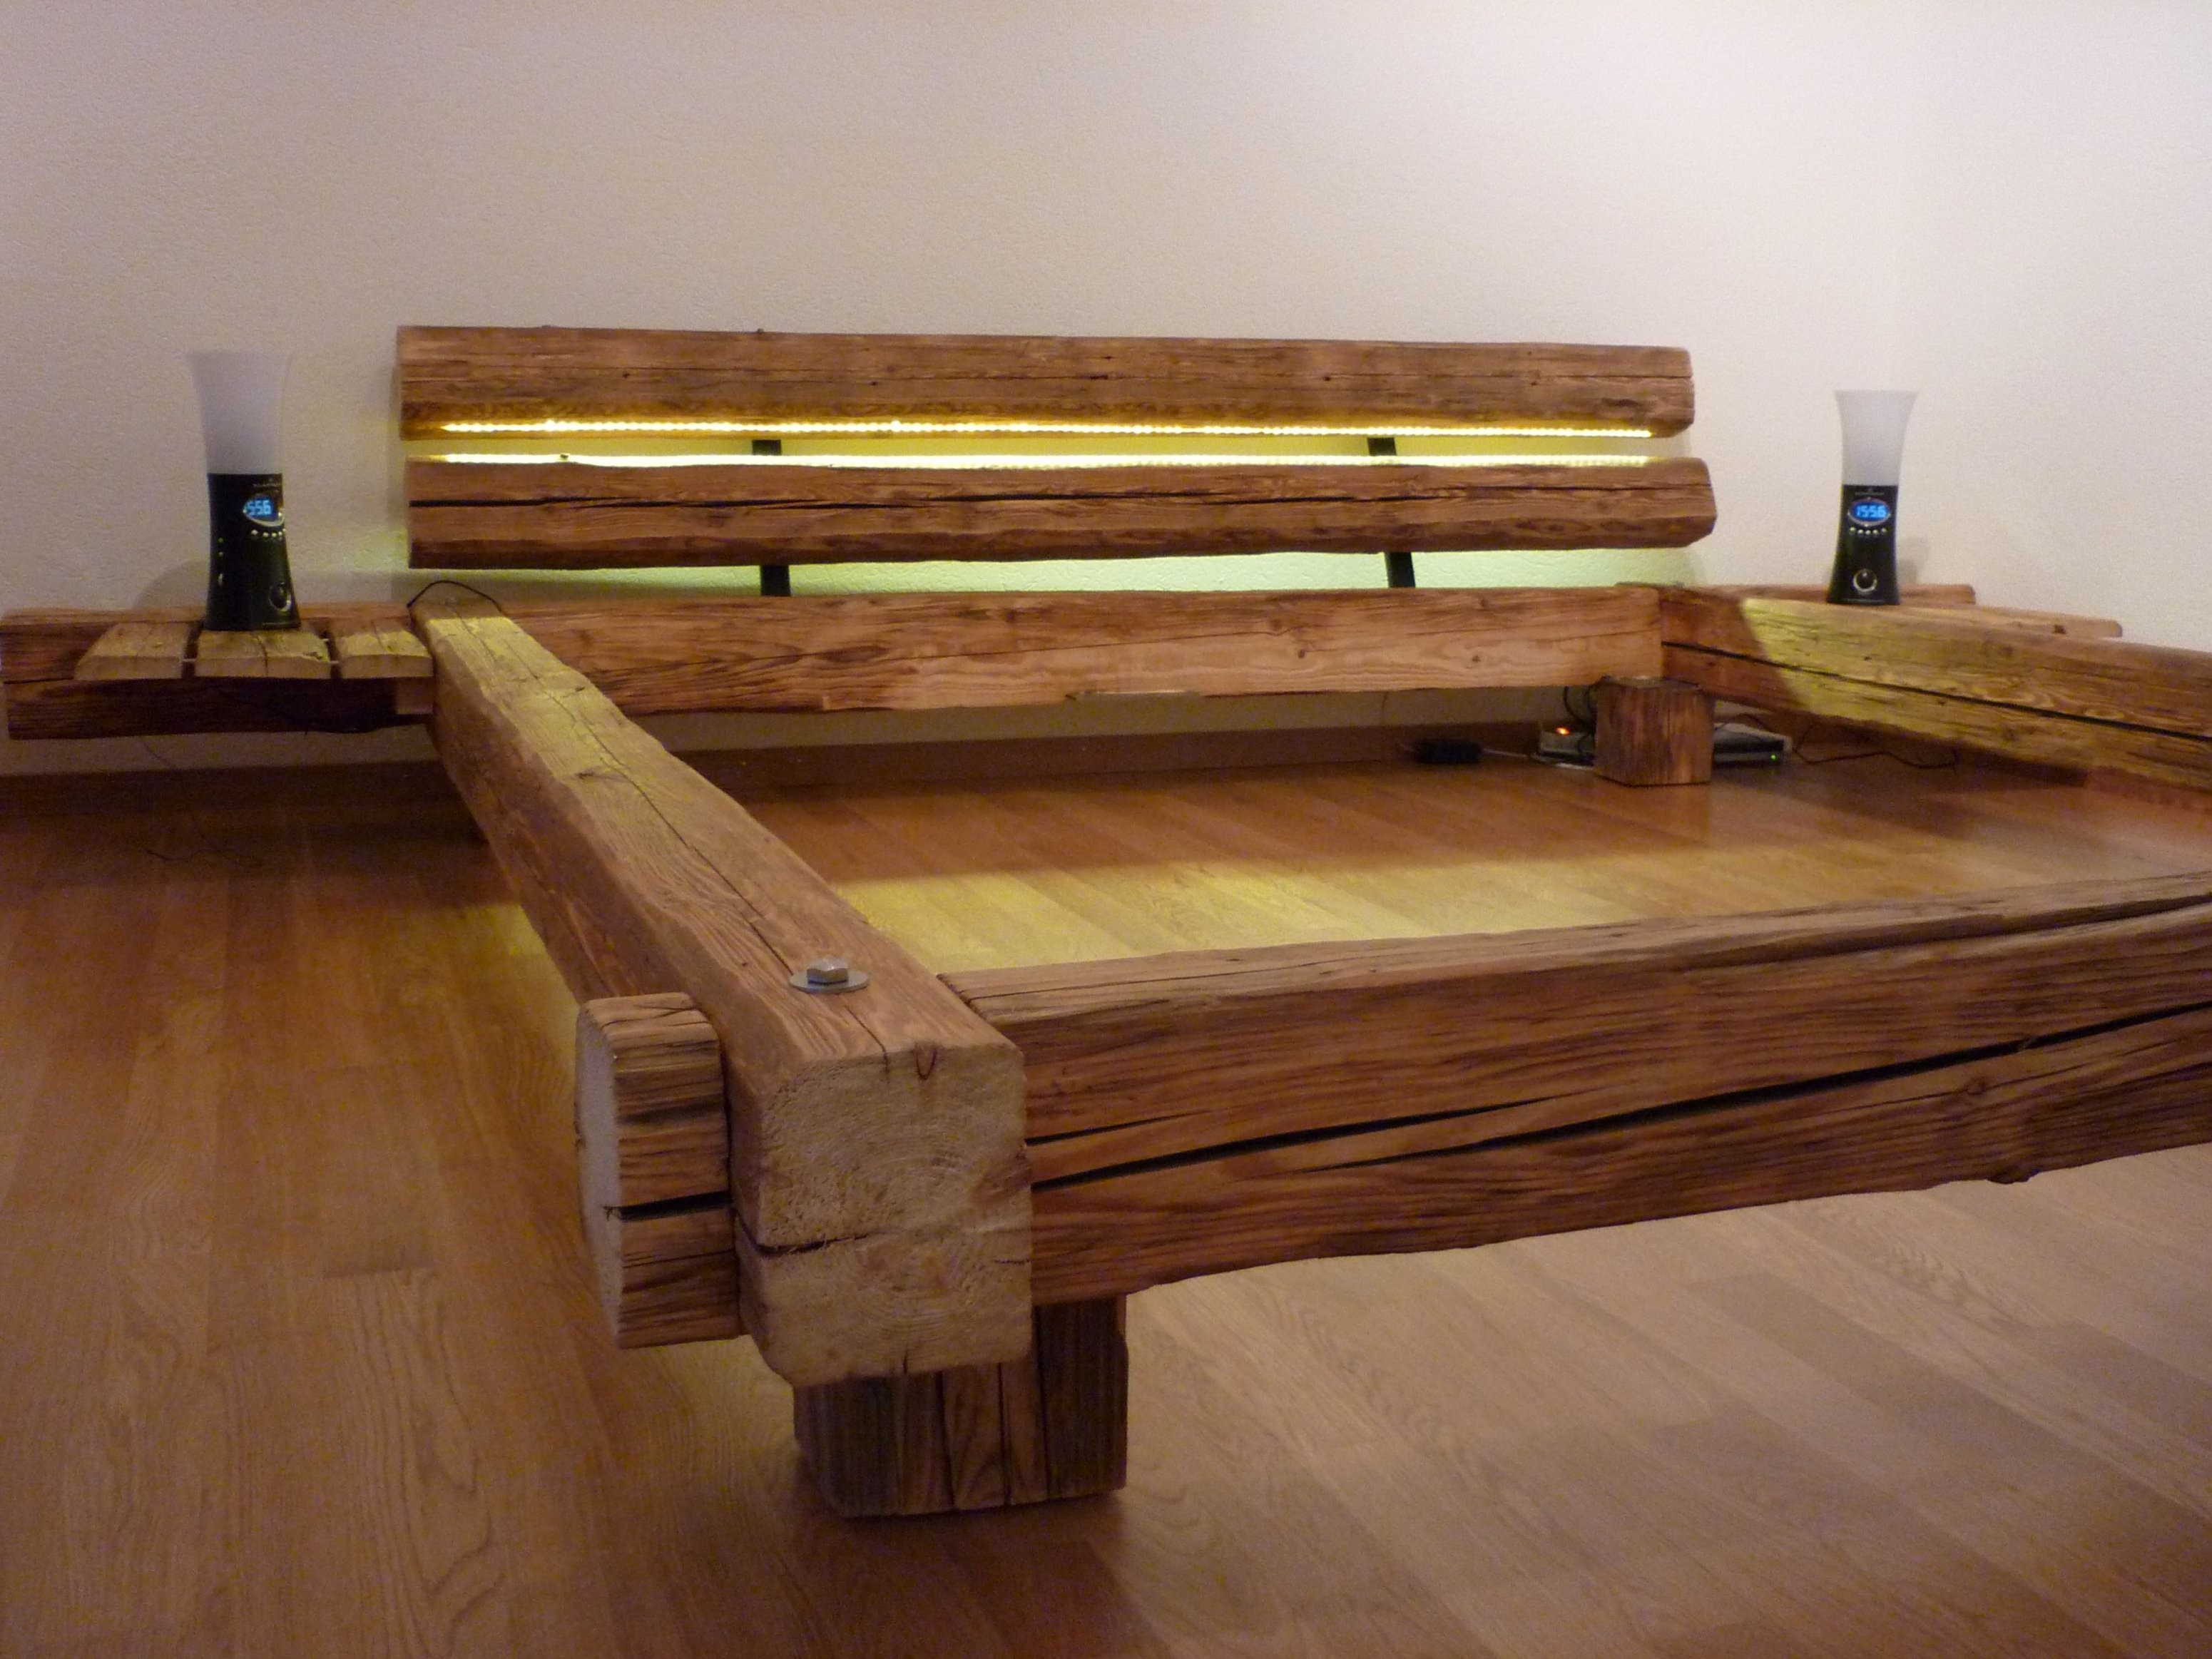 Tolle Bett Aus Massivholz  Holzmöbel In 2018  Pinterest  Bett von Bett Selber Bauen Anleitung 140X200 Bild